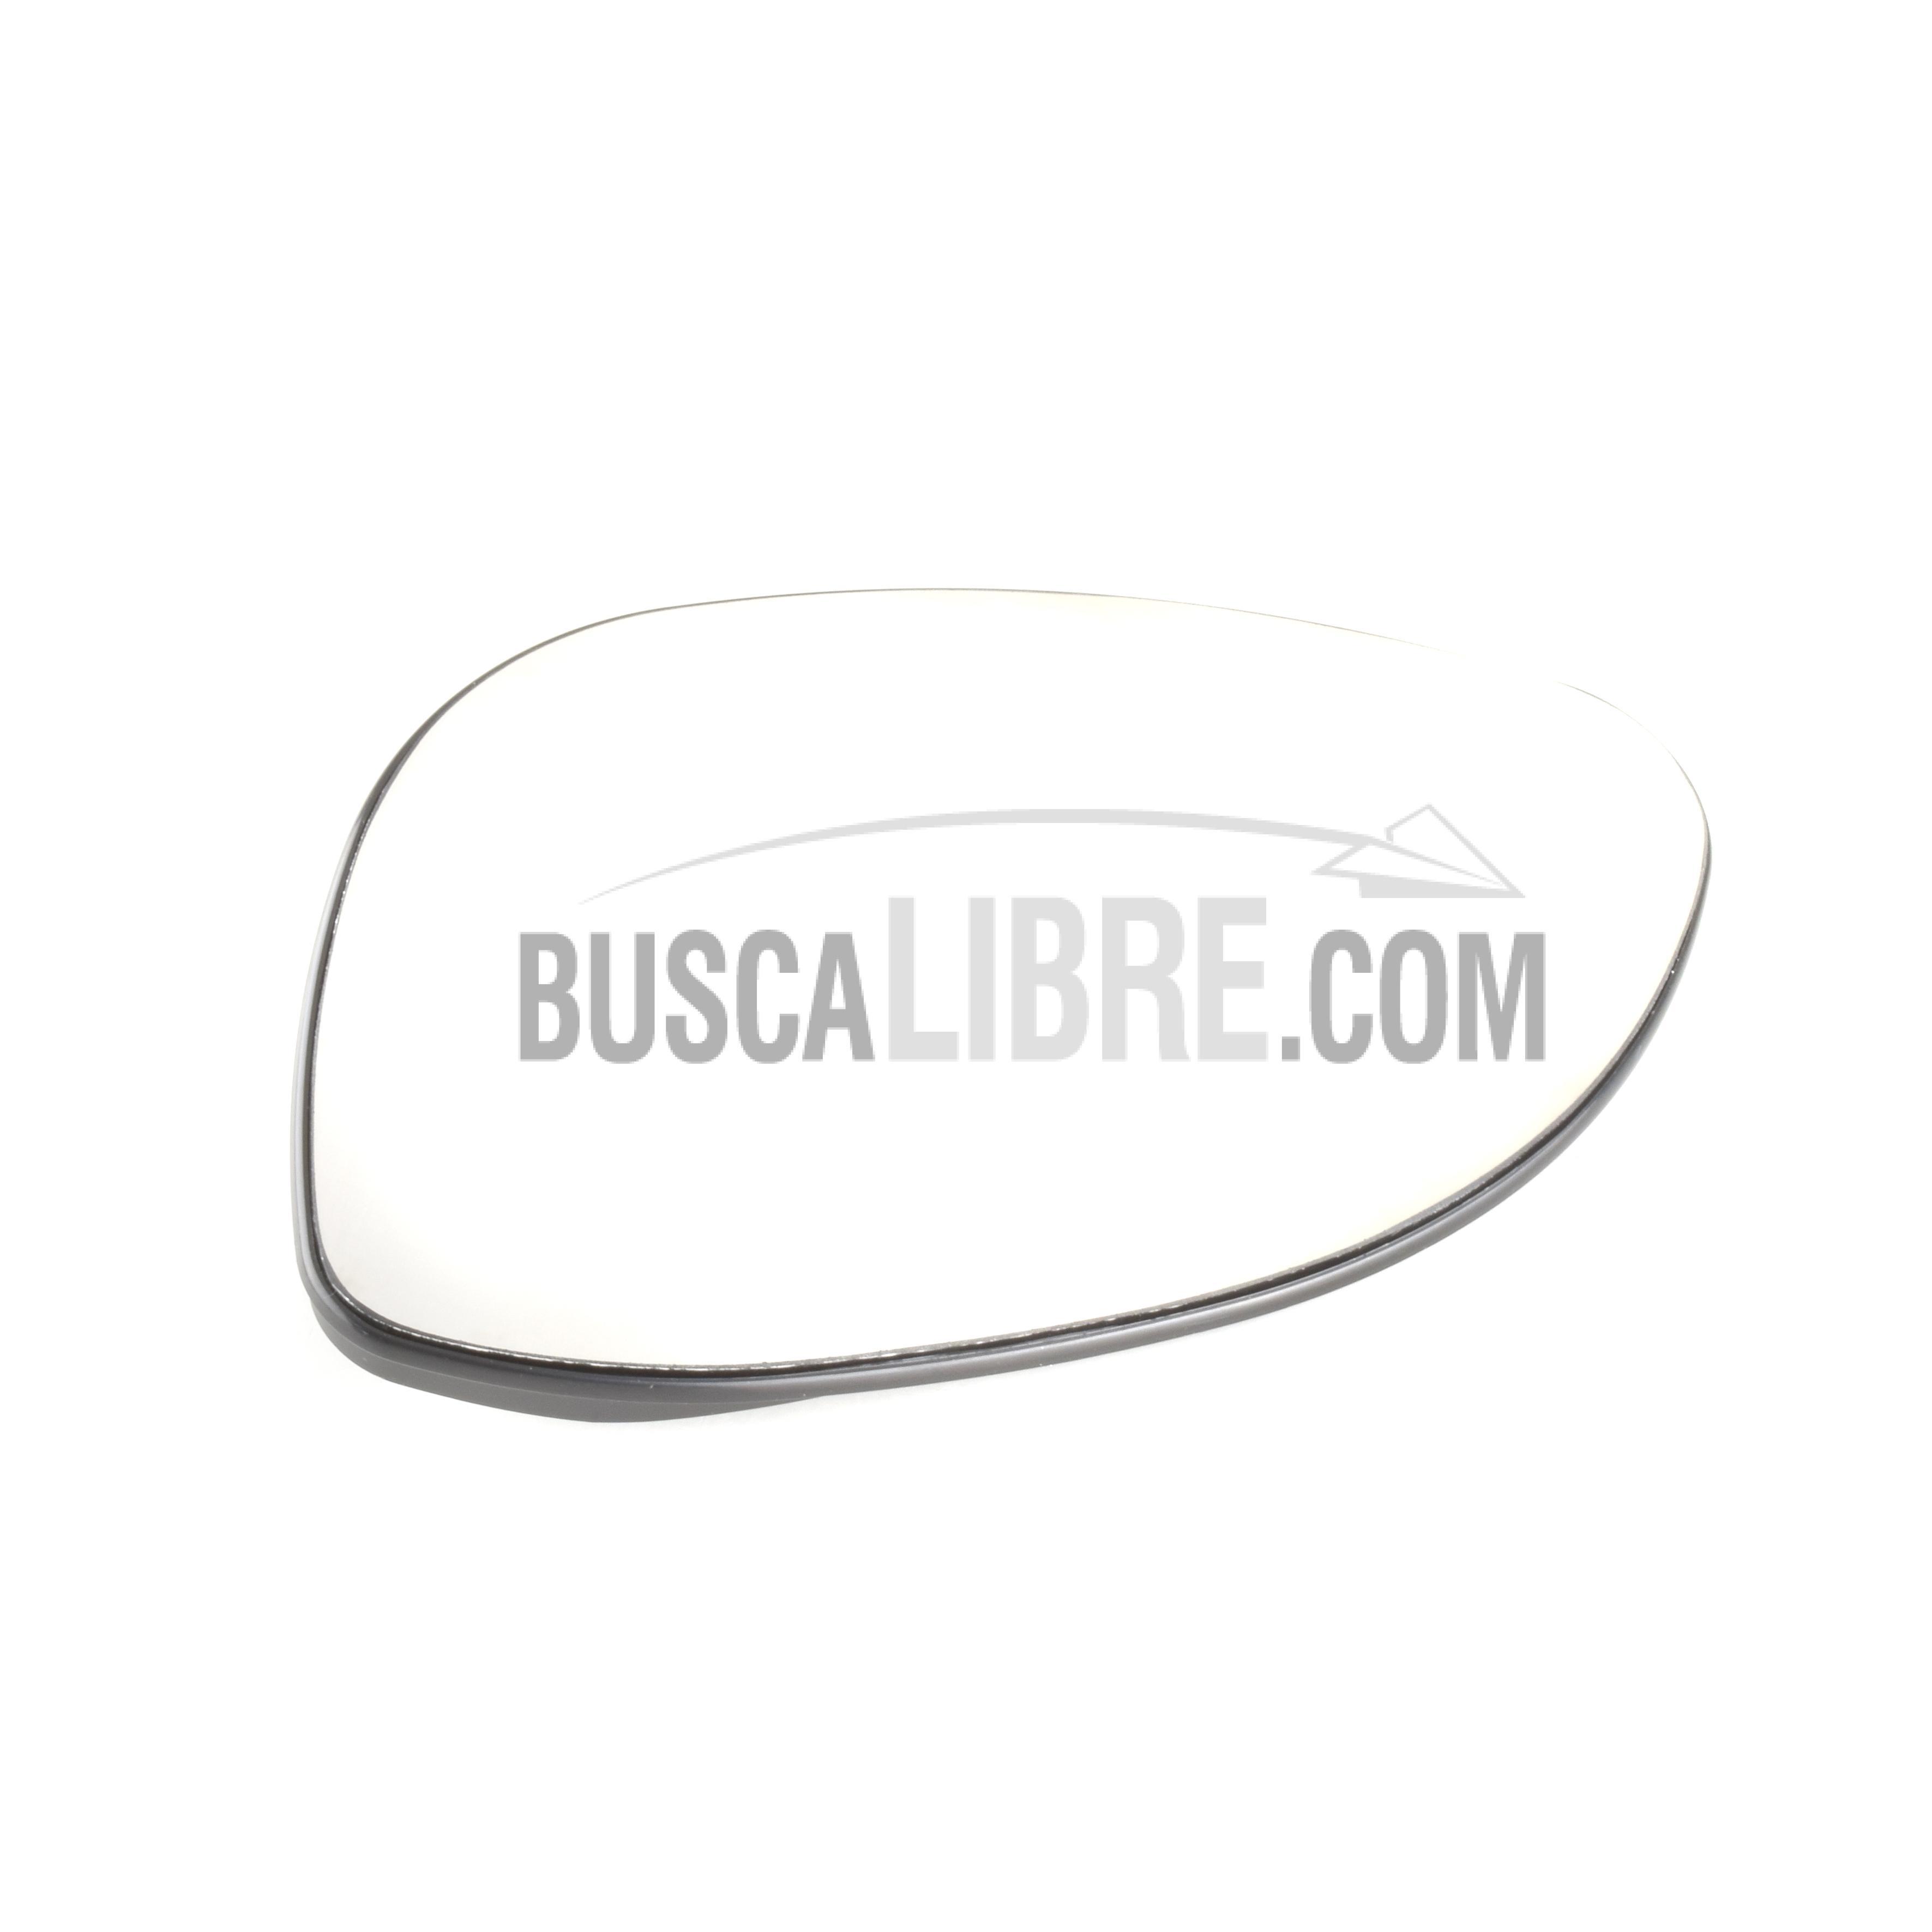 LUNA ESPEJO ELECTRICO LH (LADO IZQUIERDO)